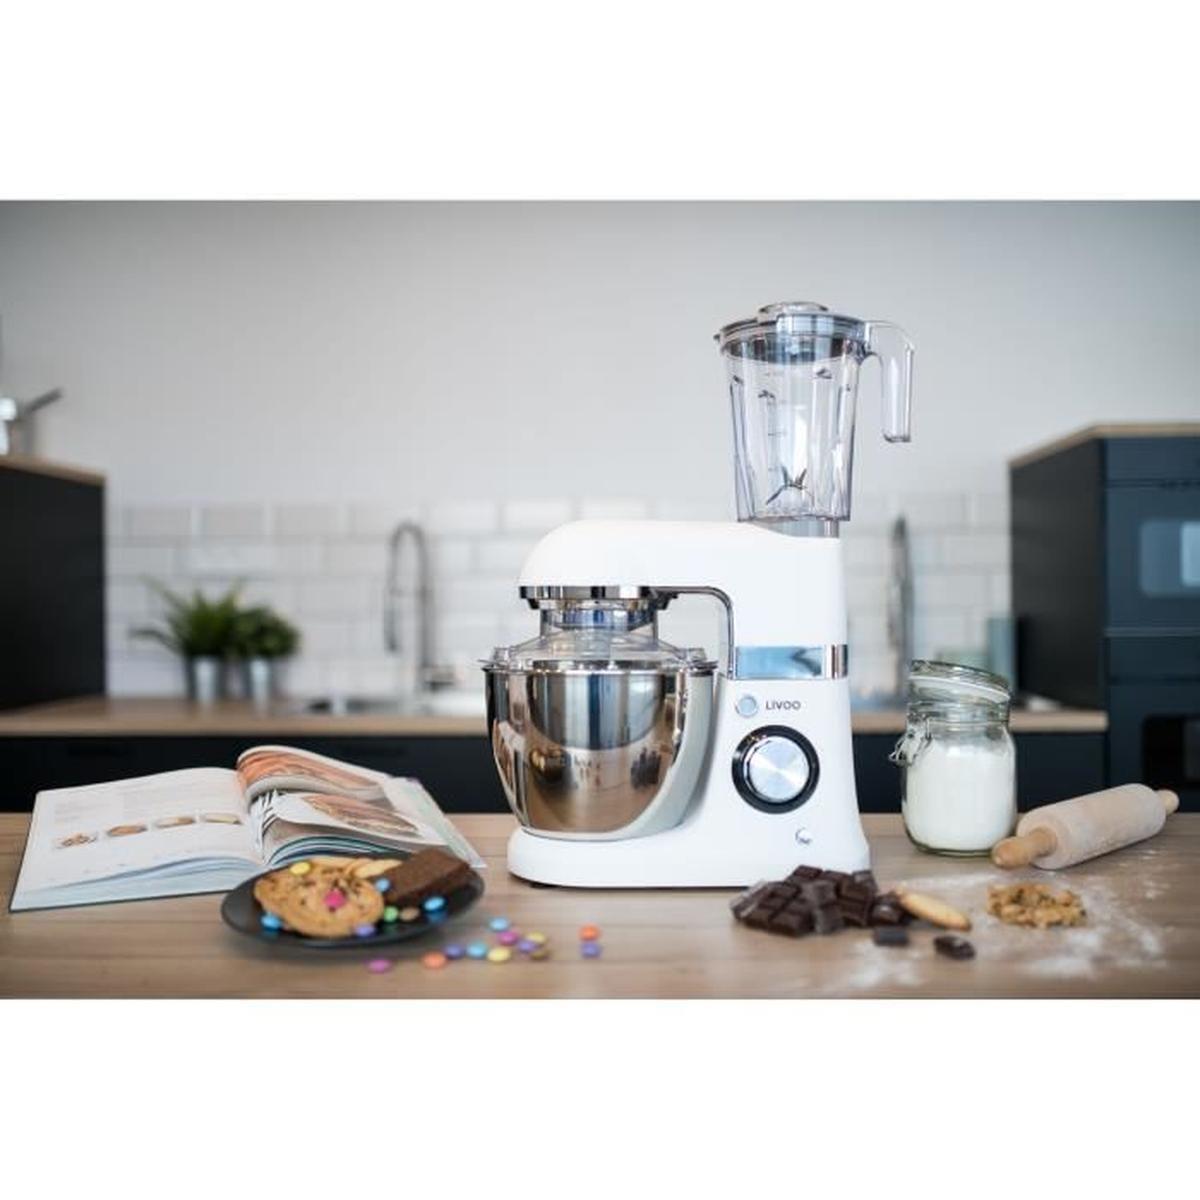 Robot de cuisine : Un robot excellent ?